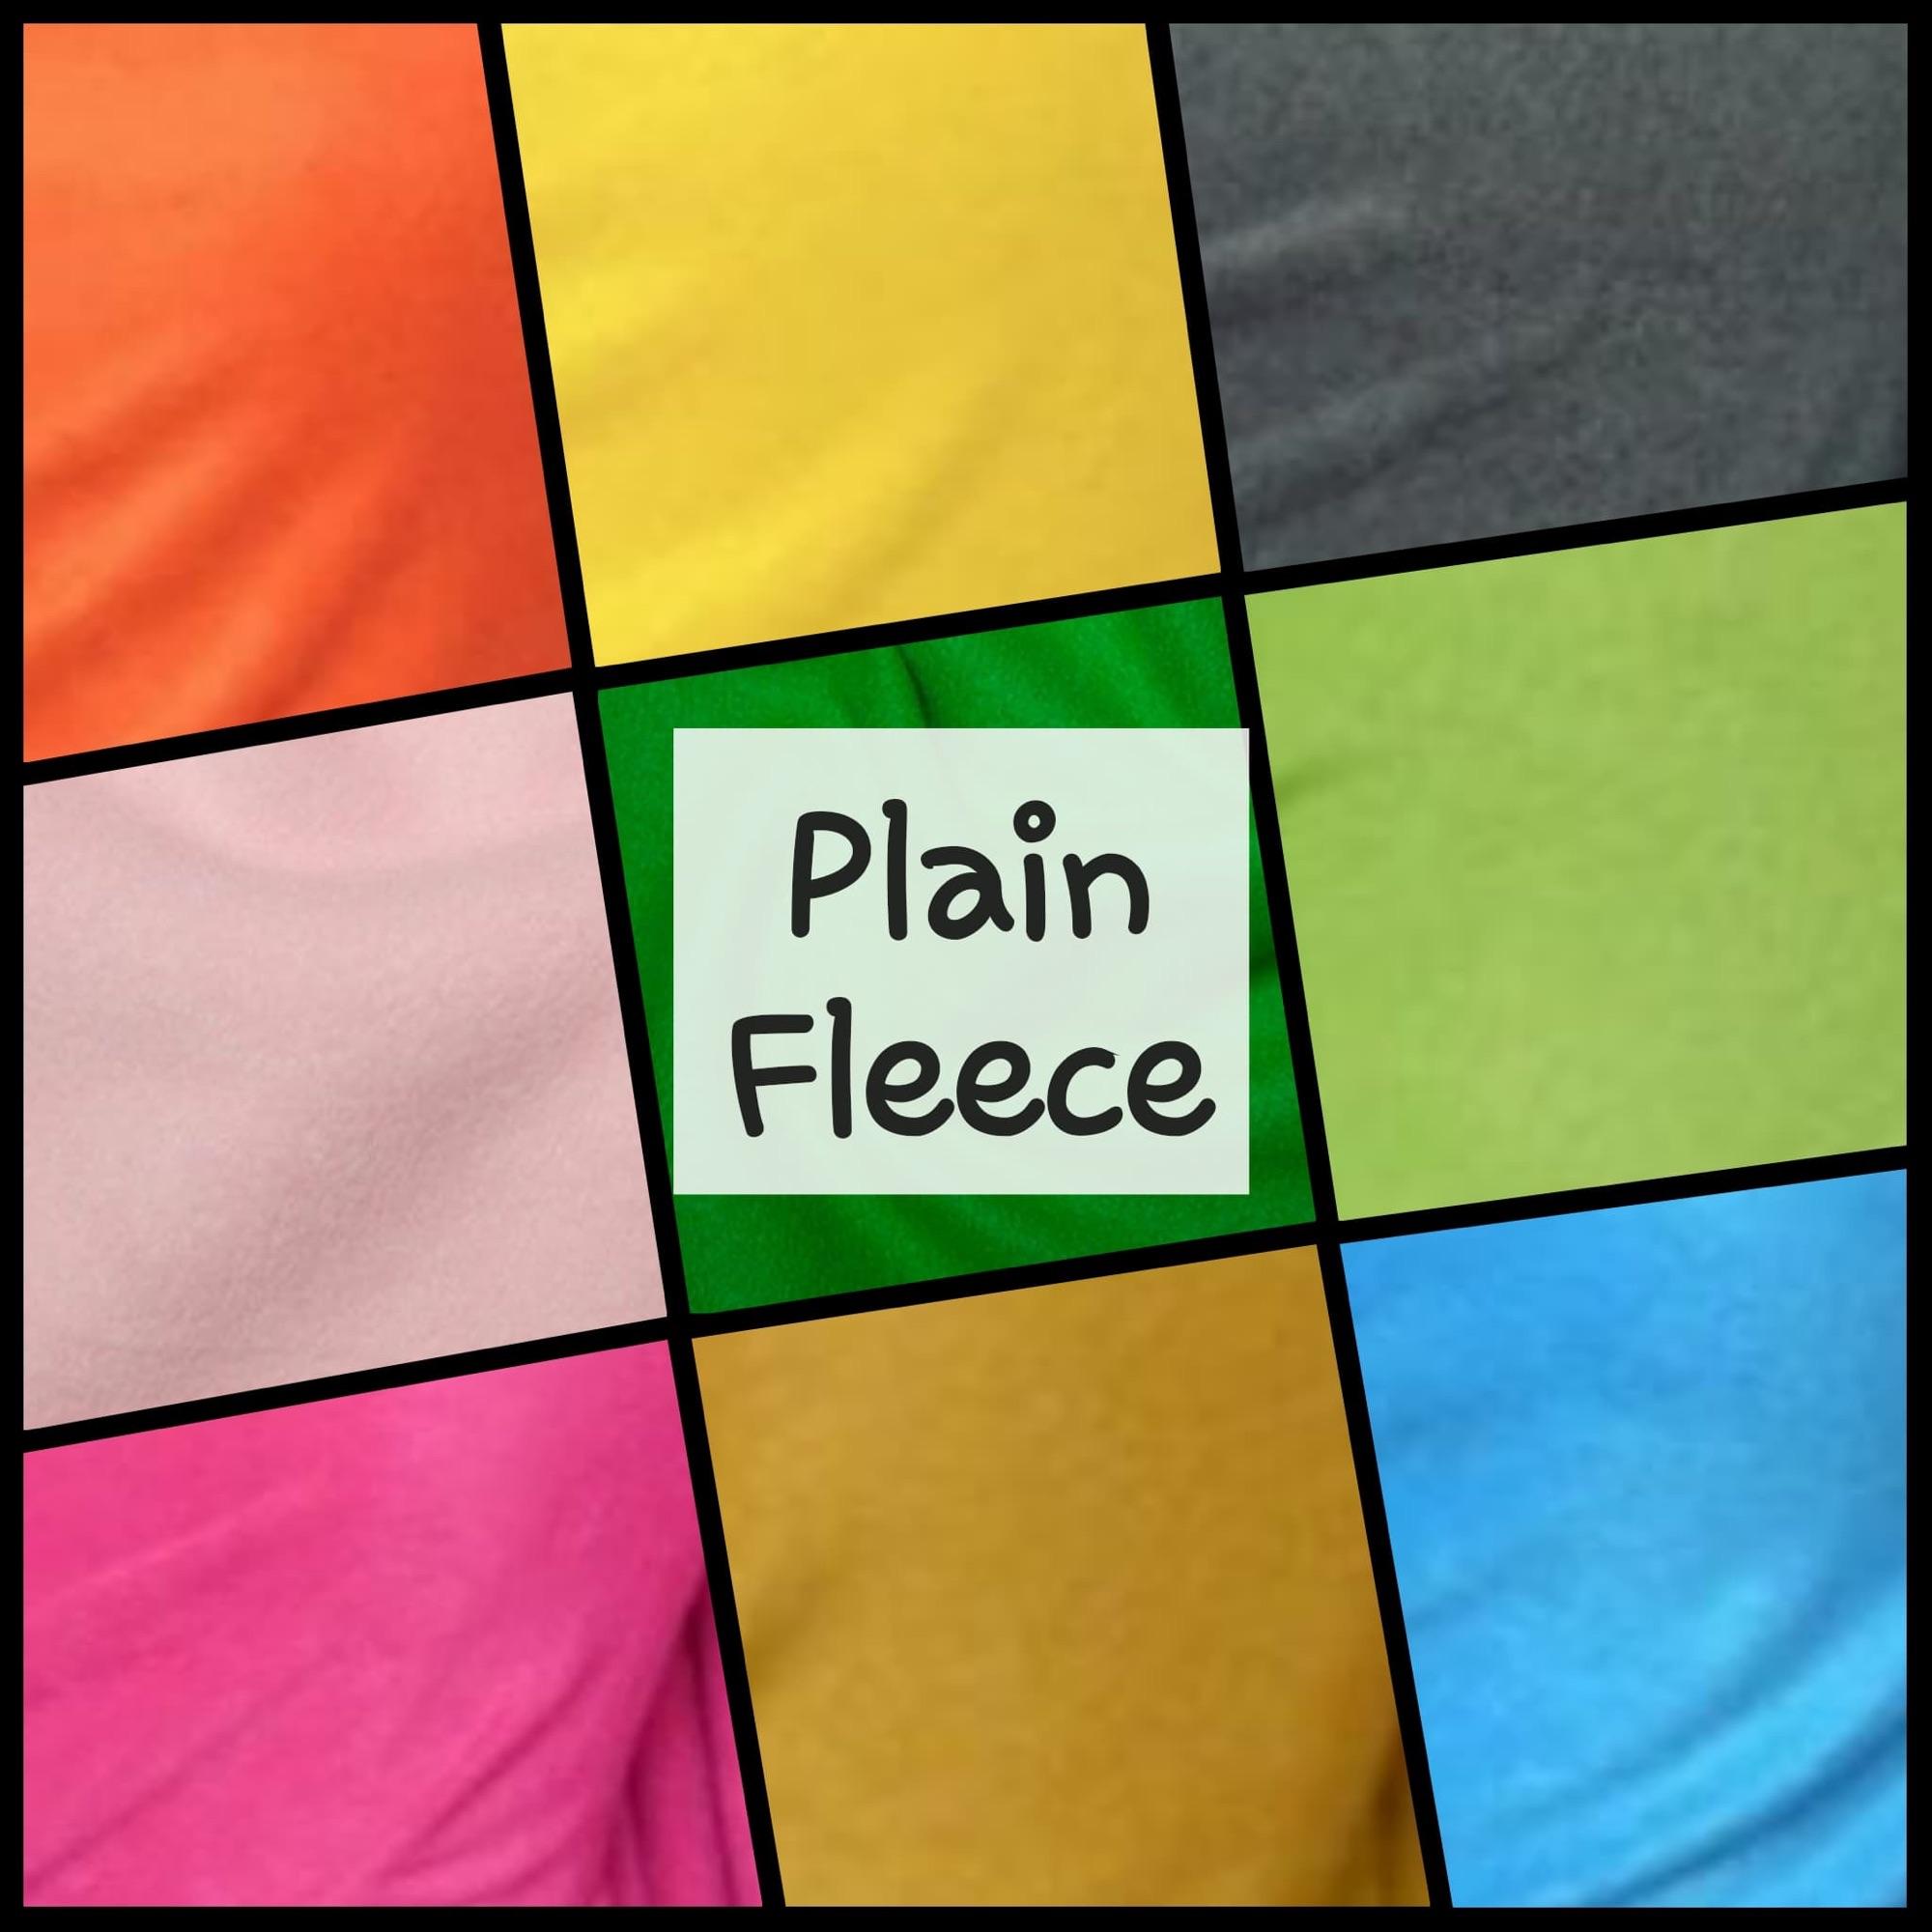 Plain Fleece